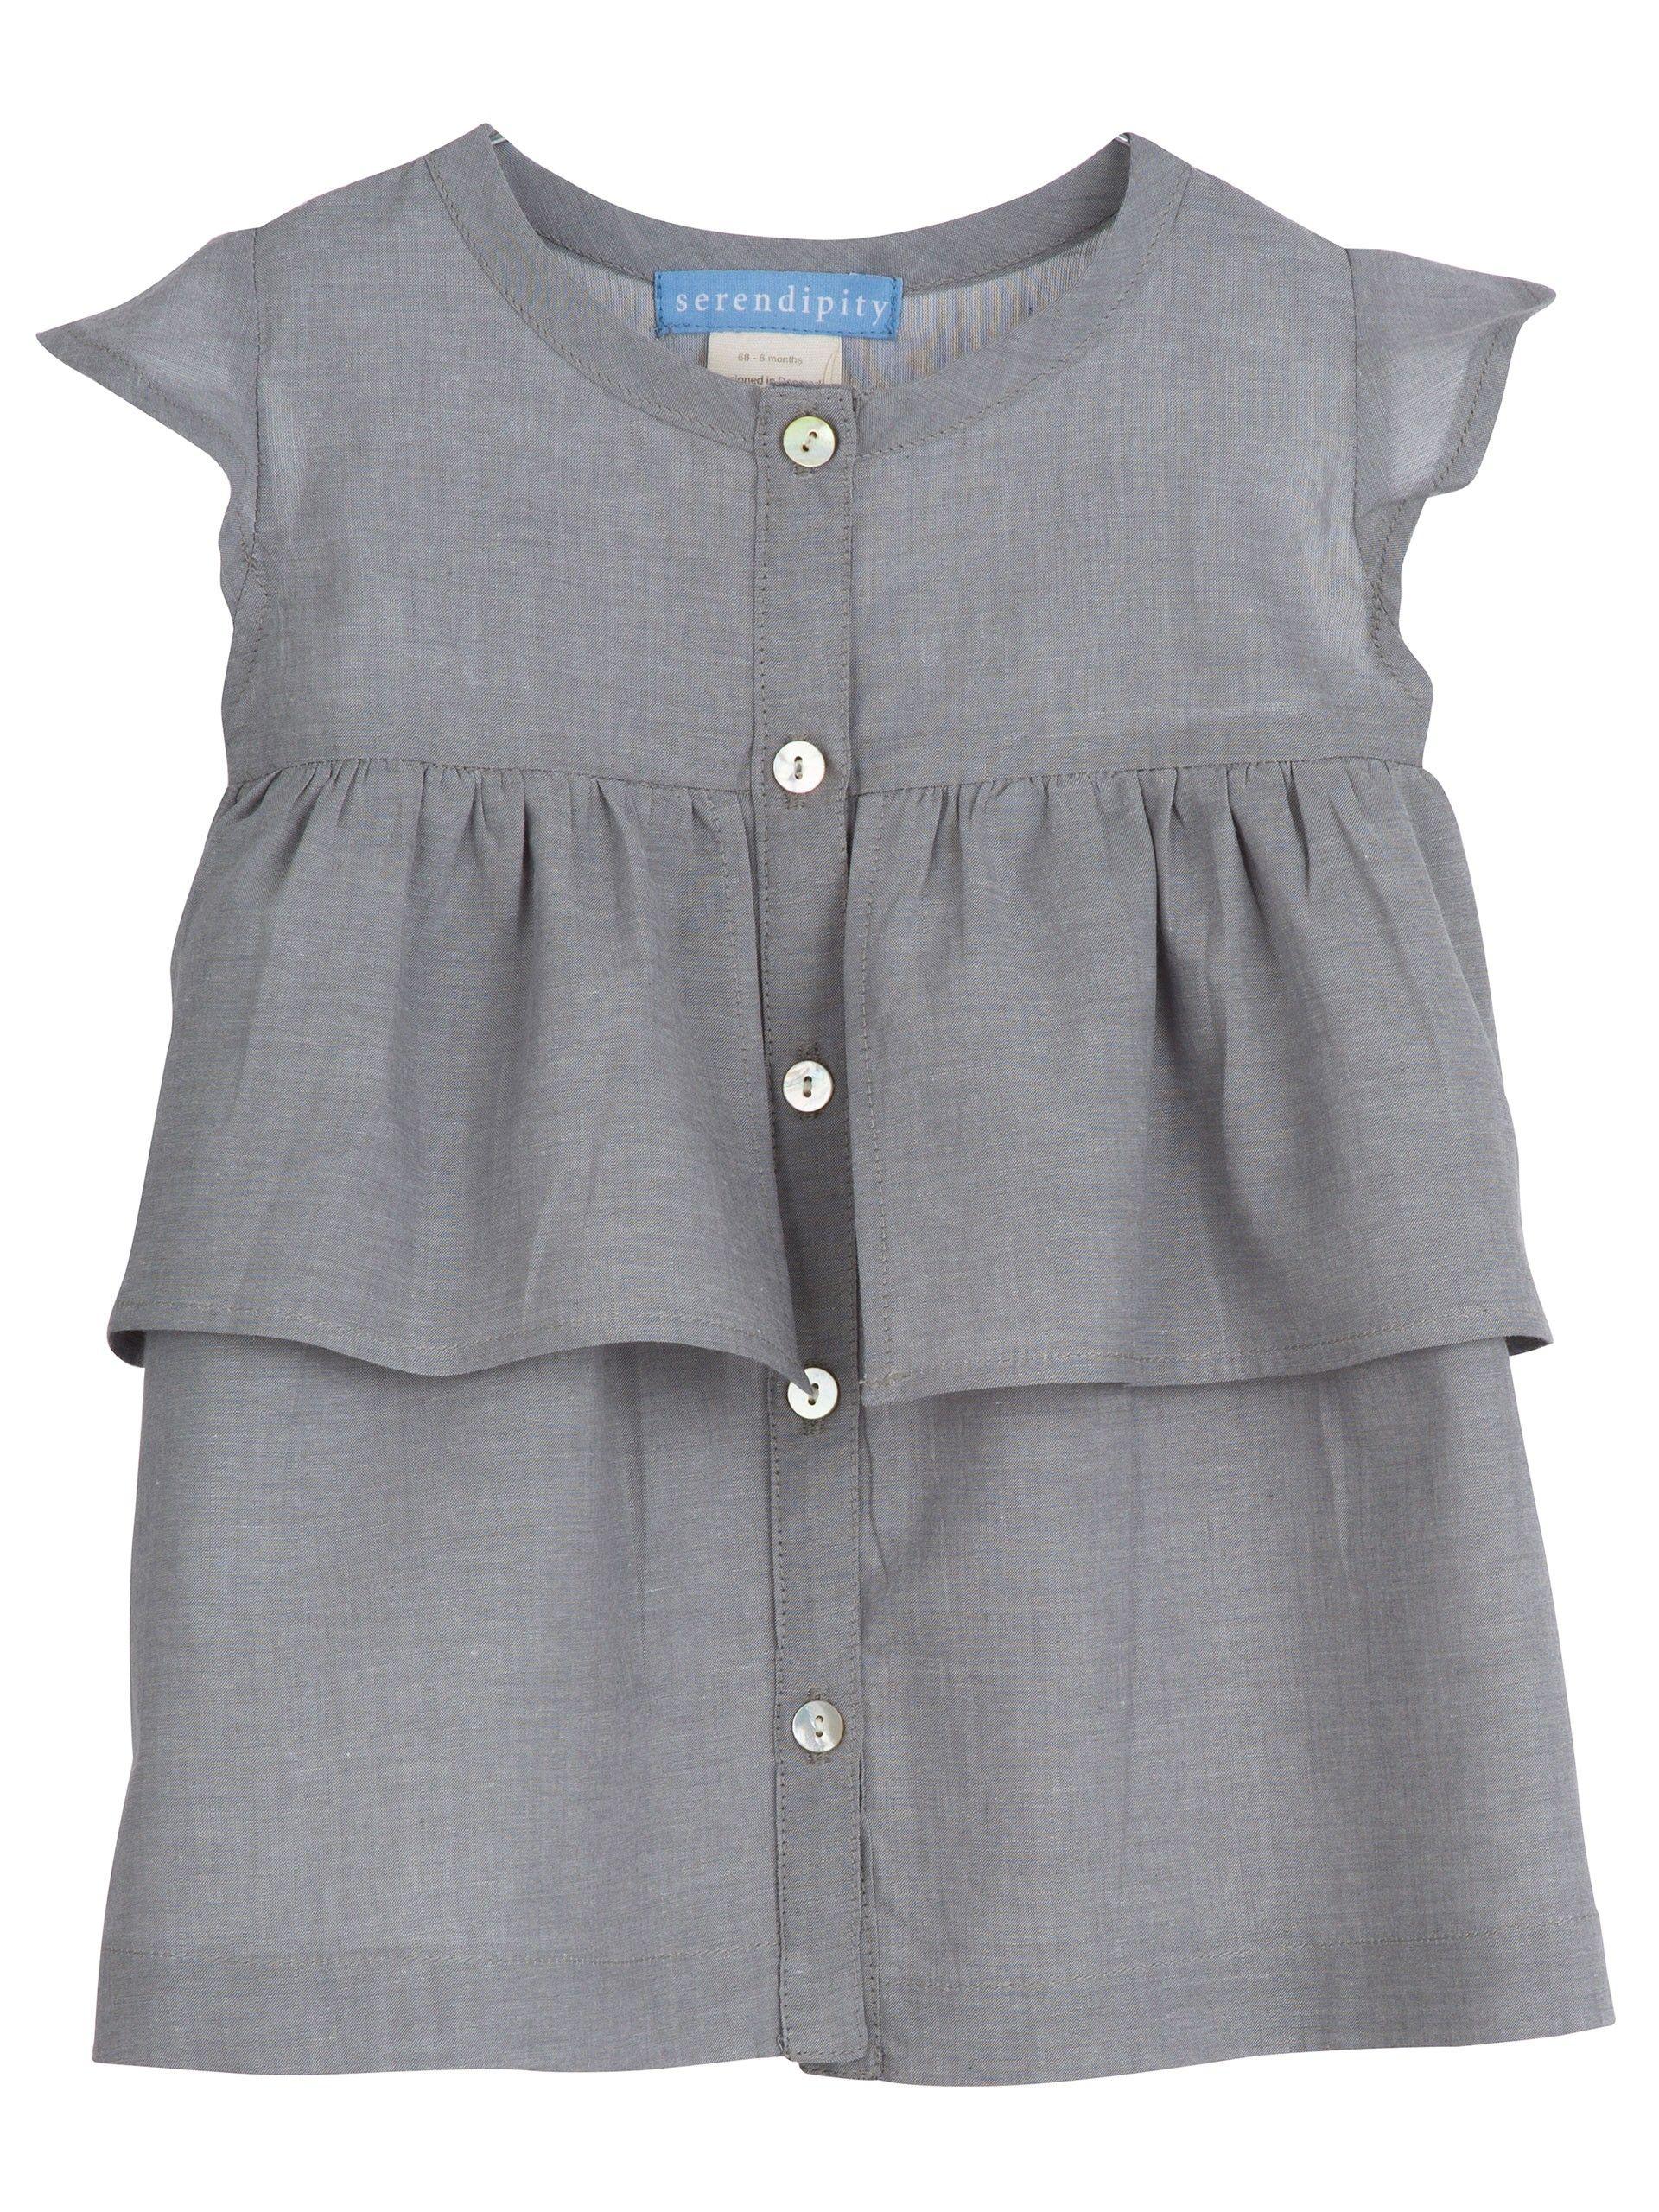 7679b219 serendipity kjole med skørte grå grey pige girl ss17 nyhed gladerollinger  baby